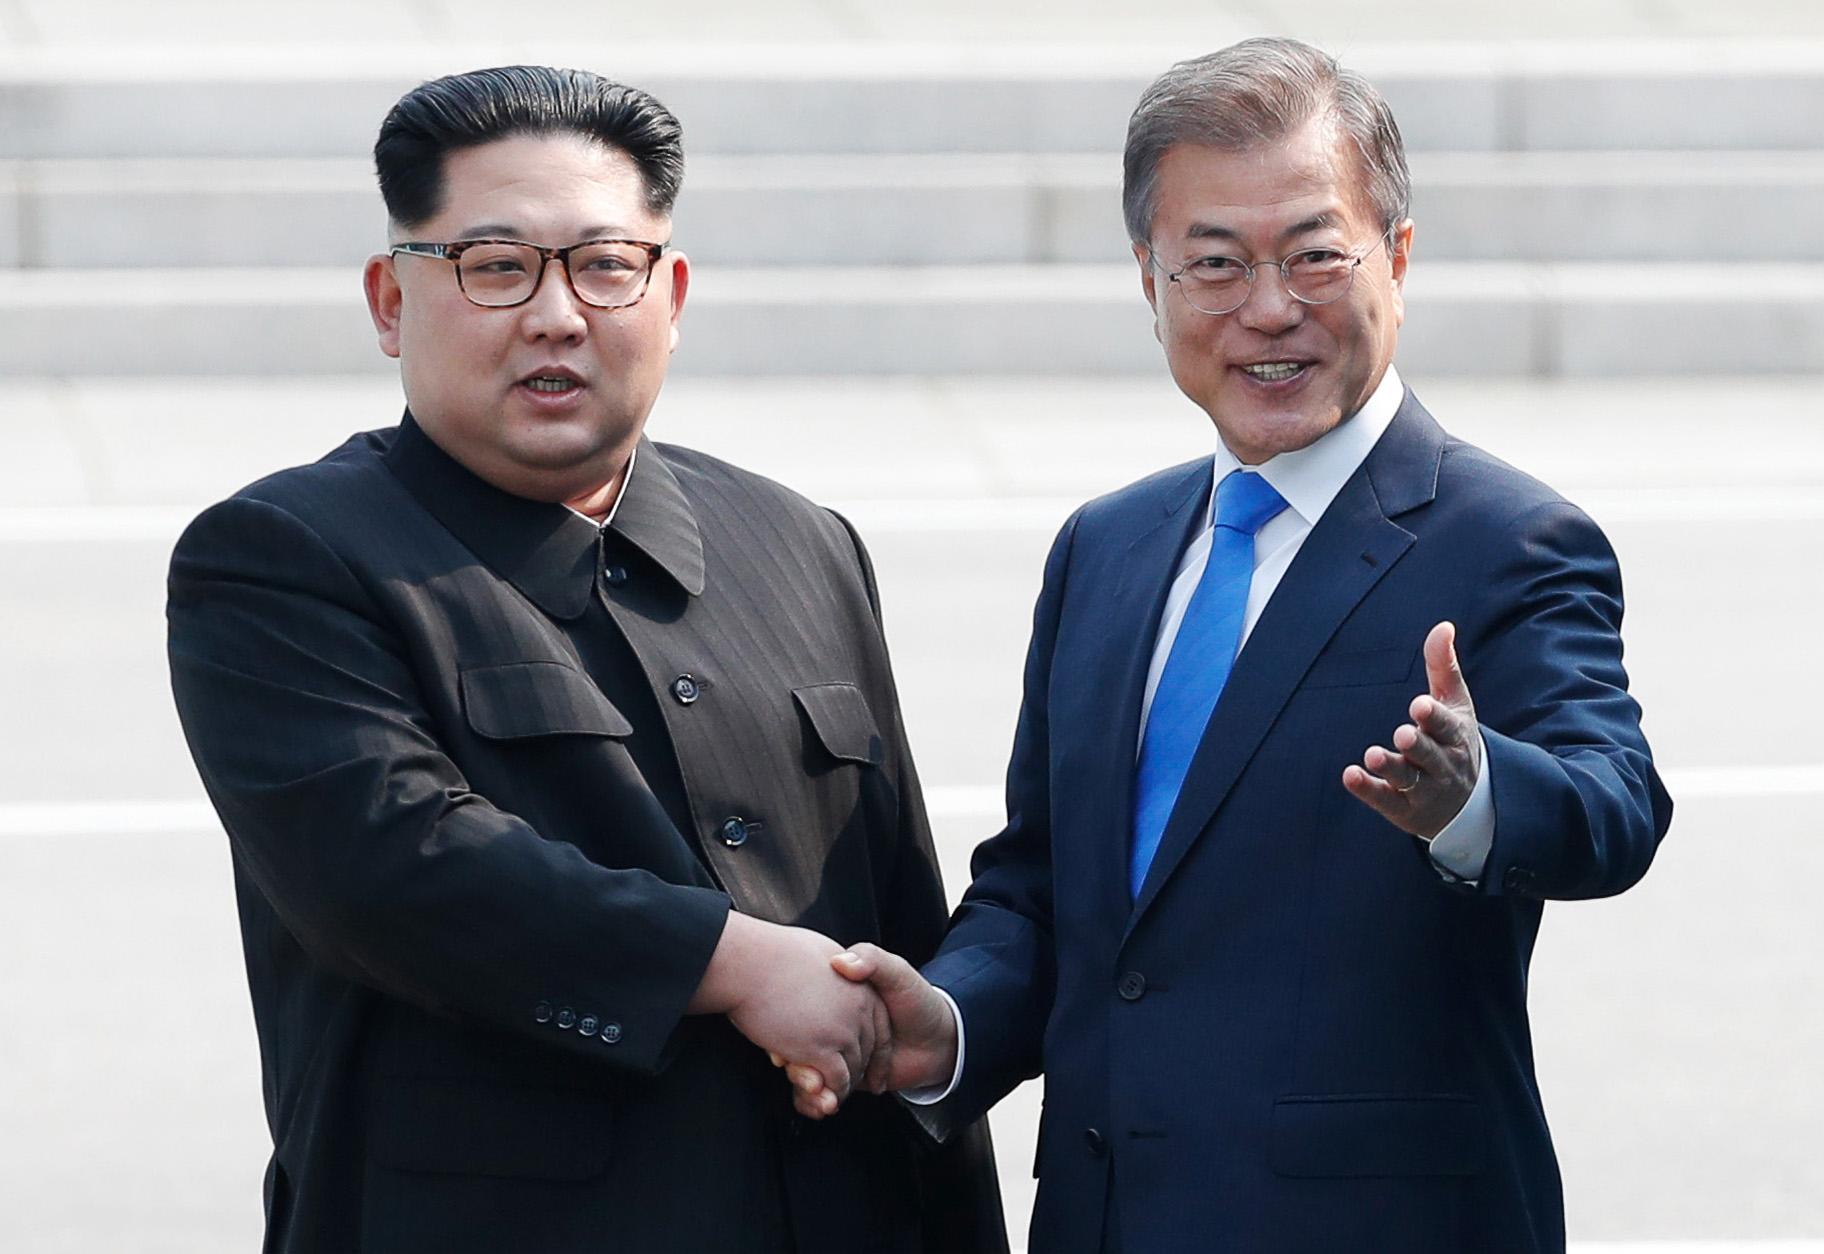 남북정상회담이 열린 지난해 4월 27일 판문점에서 문재인 대통령이 북한 김정은 국무위원장의 손을 잡고 군사분계선(MDL)을 넘어 북측으로 향하고 있다. [한국공동사진기자단]